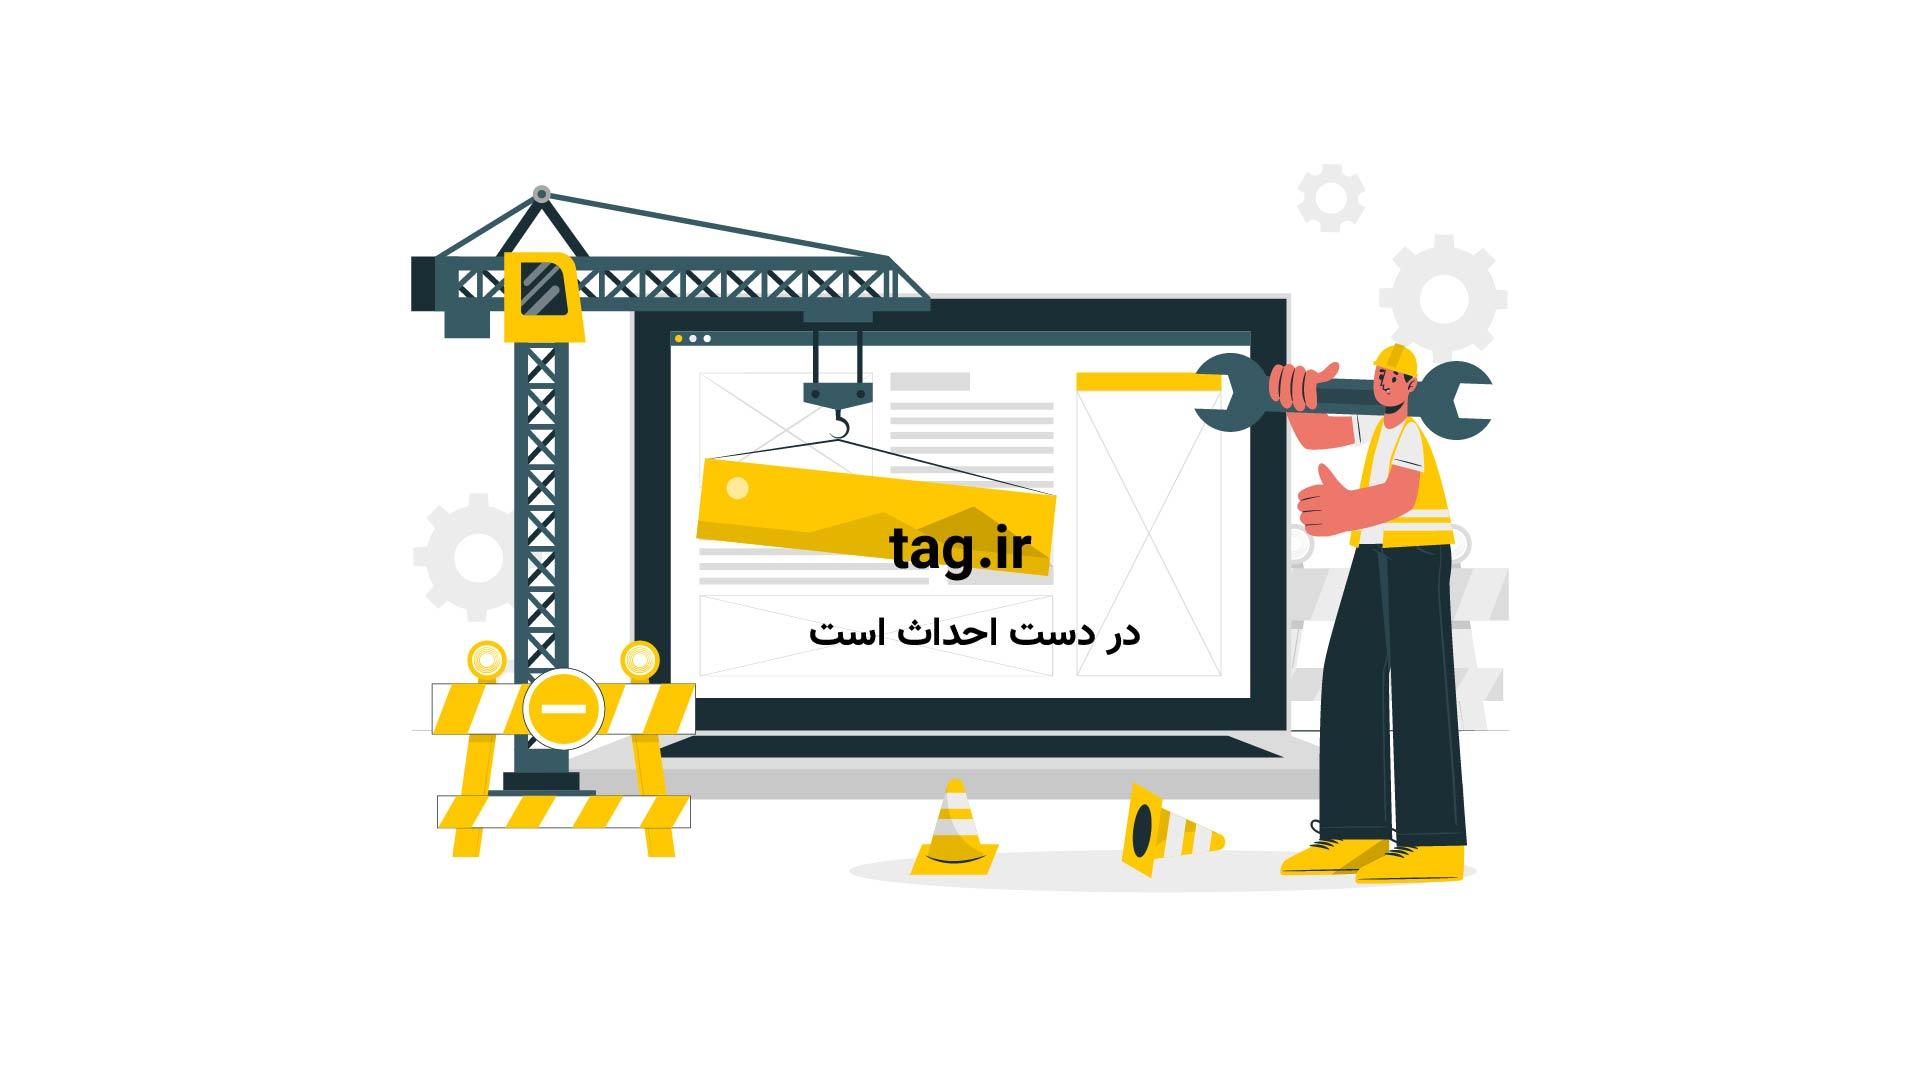 رشته های ورزشی زمستانی عجیب و کمیاب | فیلم